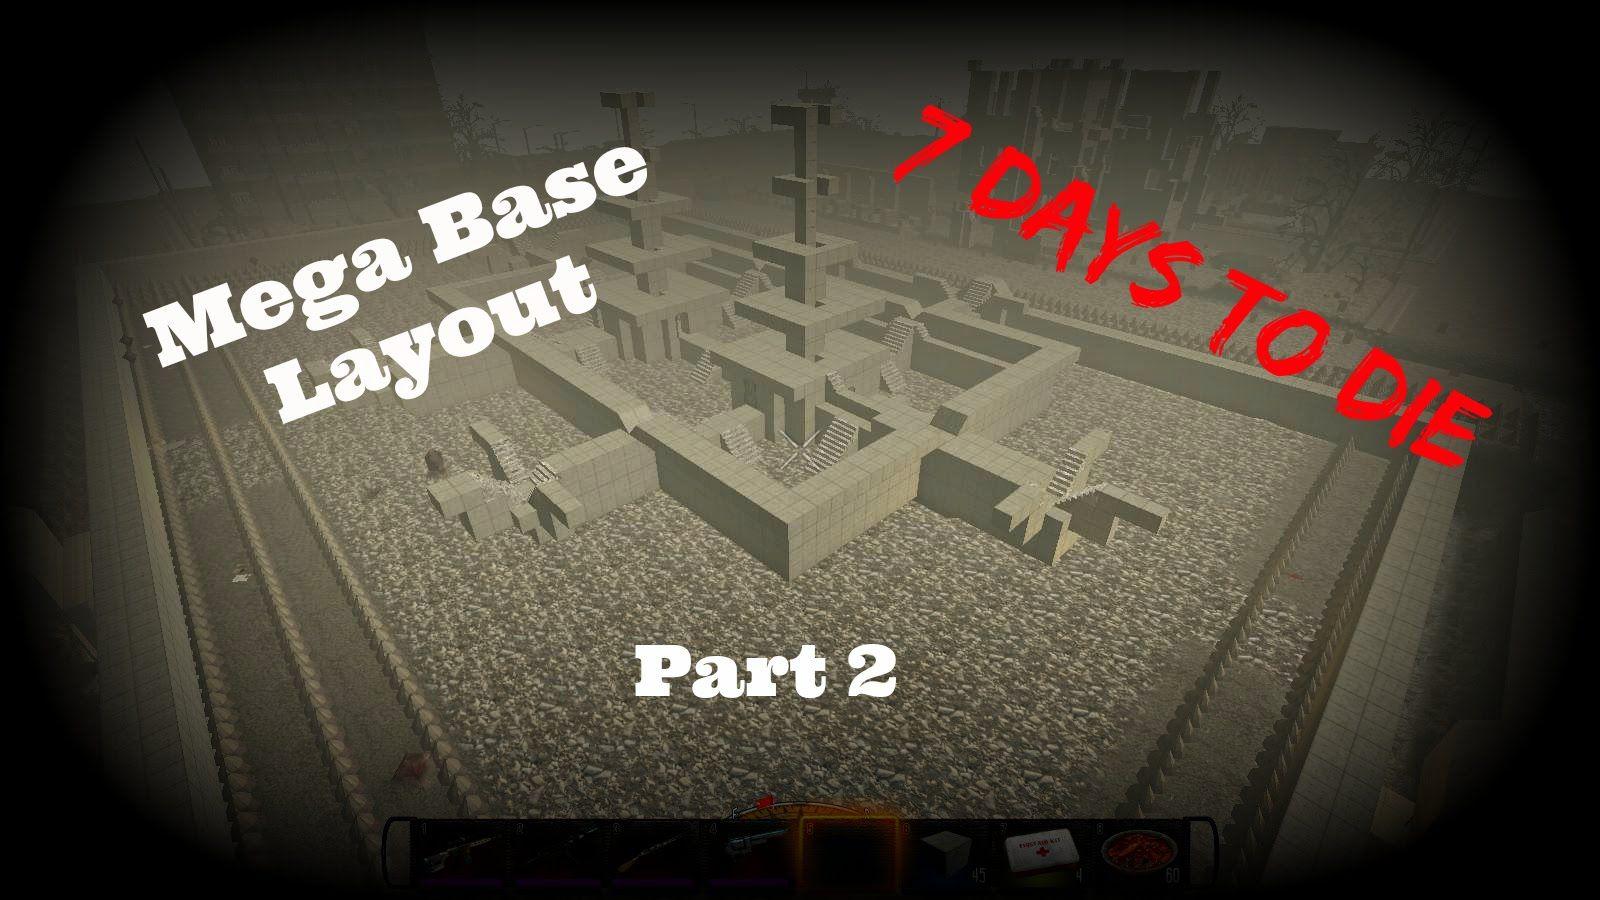 7 Days To Die Mega Base Layout Pt2 Walkthrough Guide 7 Days